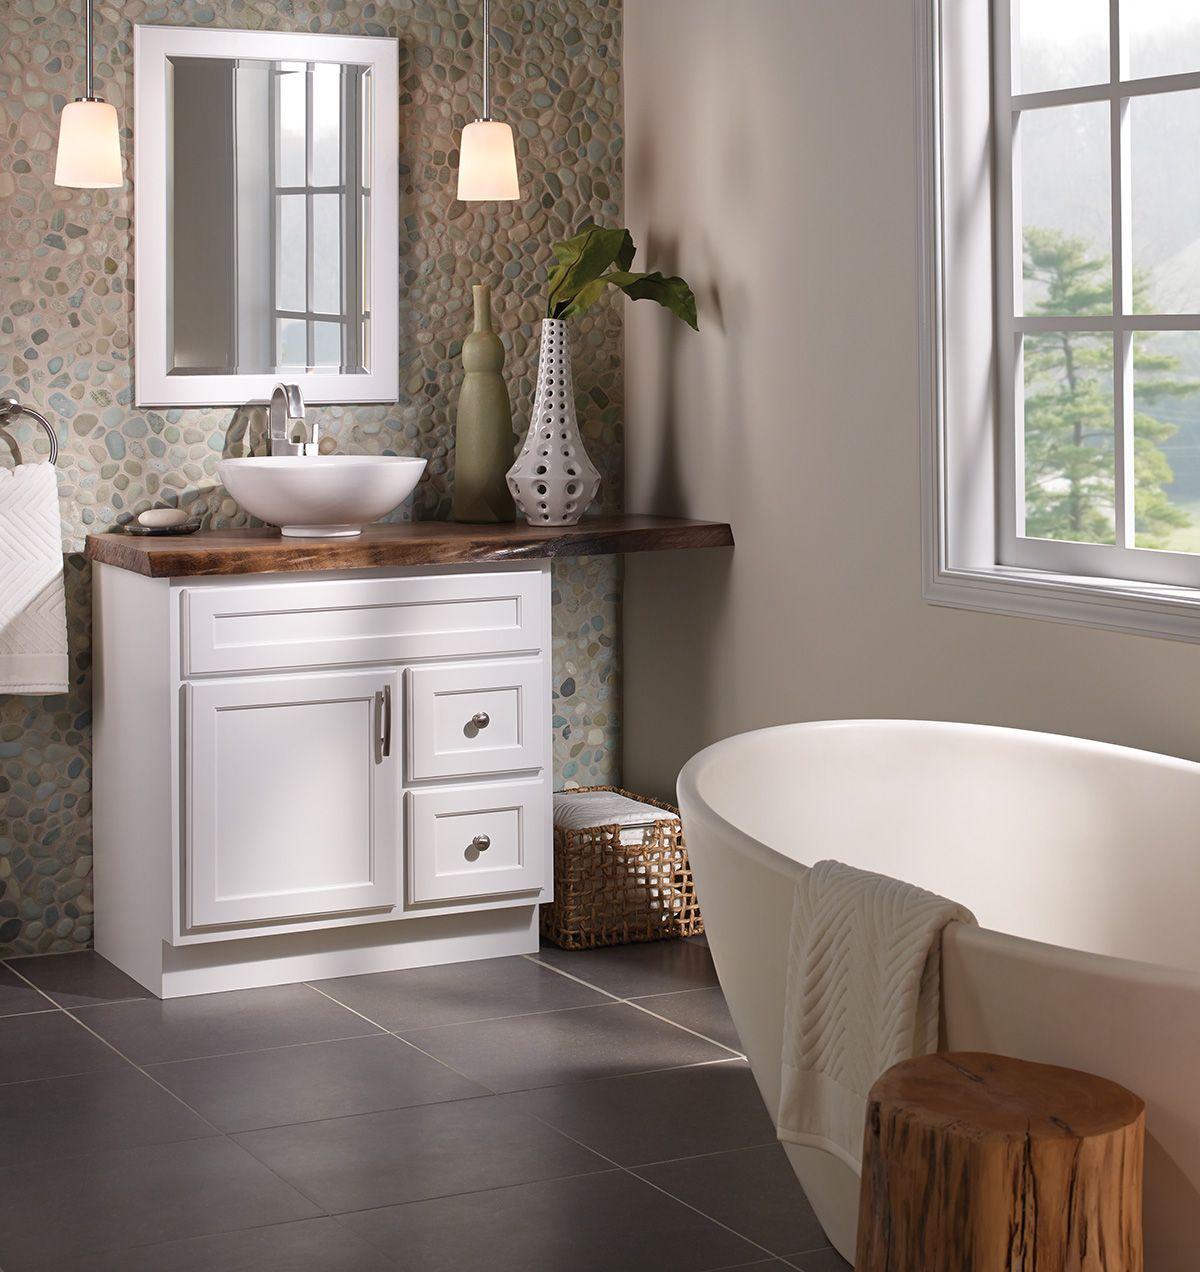 Northbrook Birch Discount Bathroom Vanities Bathrooms Remodel